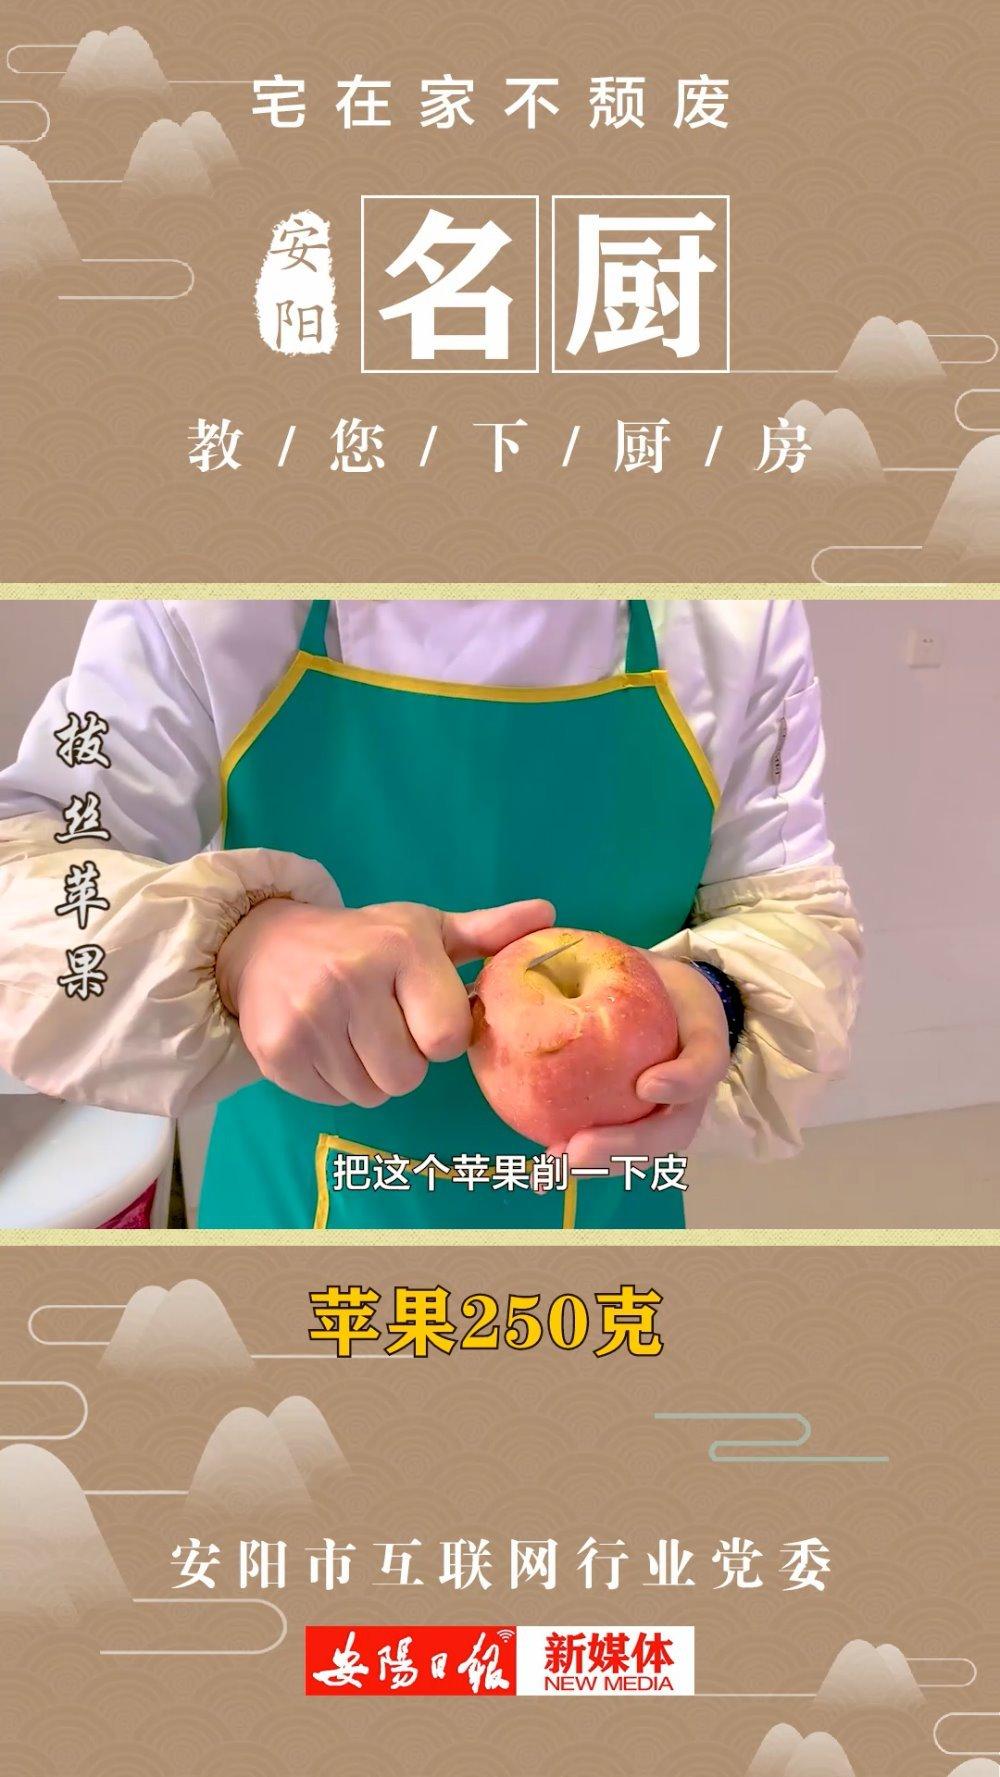 宅在家不颓废丨安阳名厨教您下厨房公益活动第六期:拔丝苹果